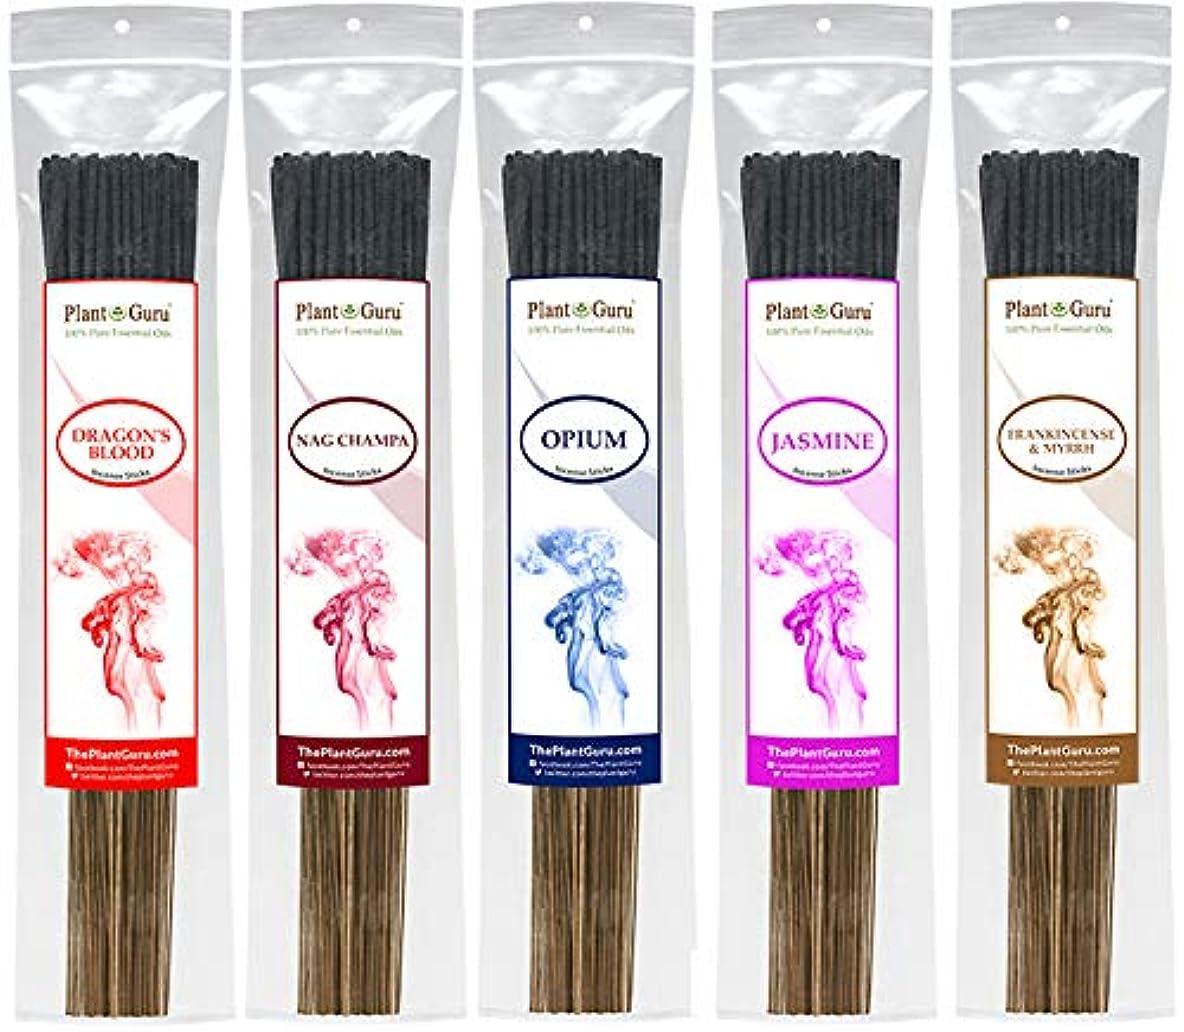 食堂王子頭痛IncenseサンプラーセットエキゾチックIncense Sticks 925グラムスティック数合計425 to 500 Sticksプレミアム品質Smooth Clean Burn各スティックは10.5インチ長Burn...